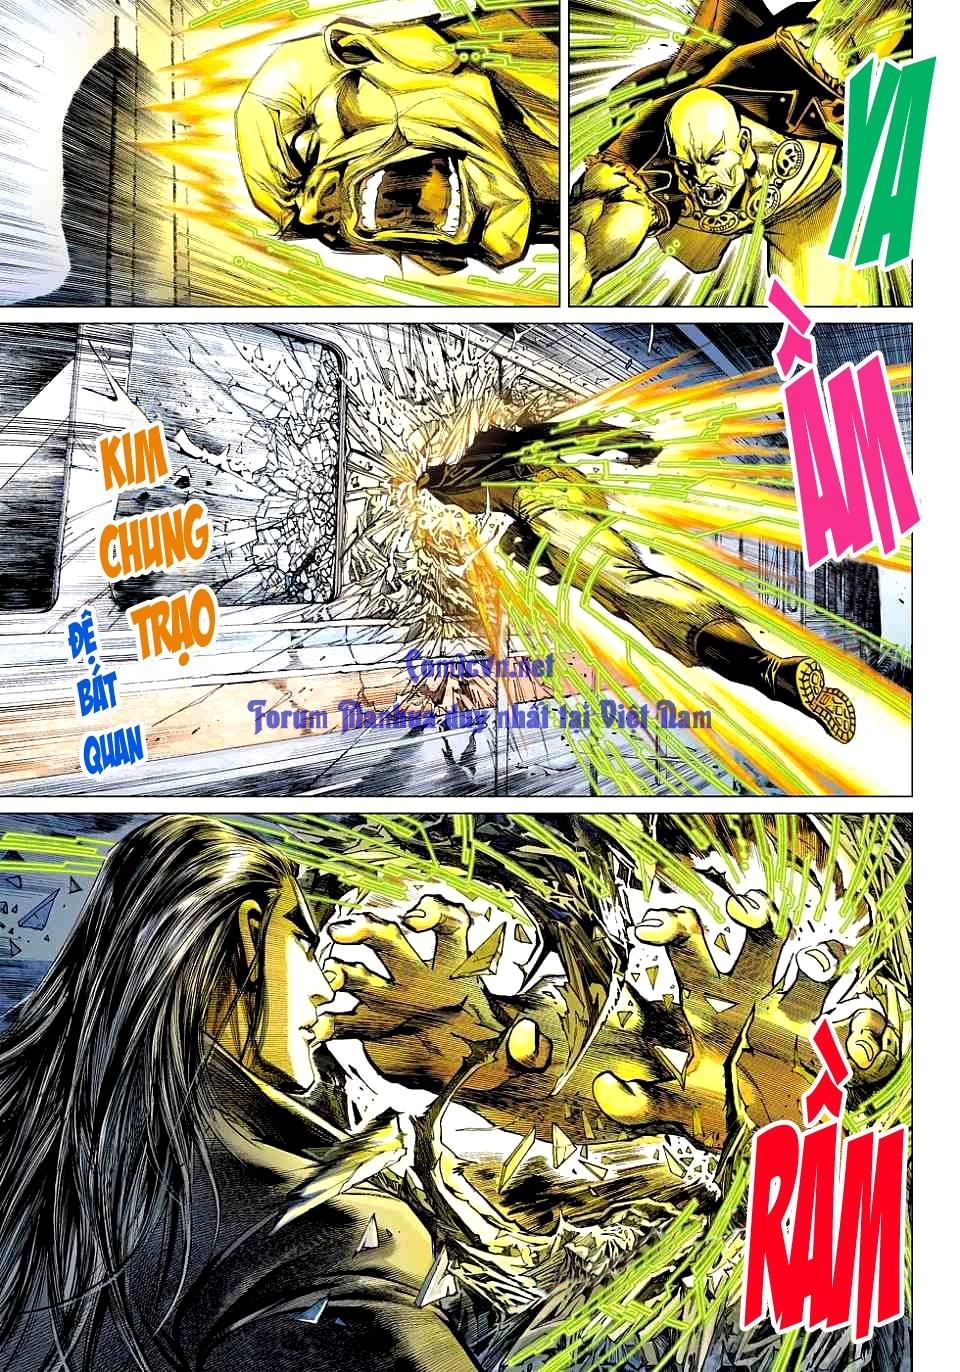 Vương Phong Lôi 1 chap 12 - Trang 31